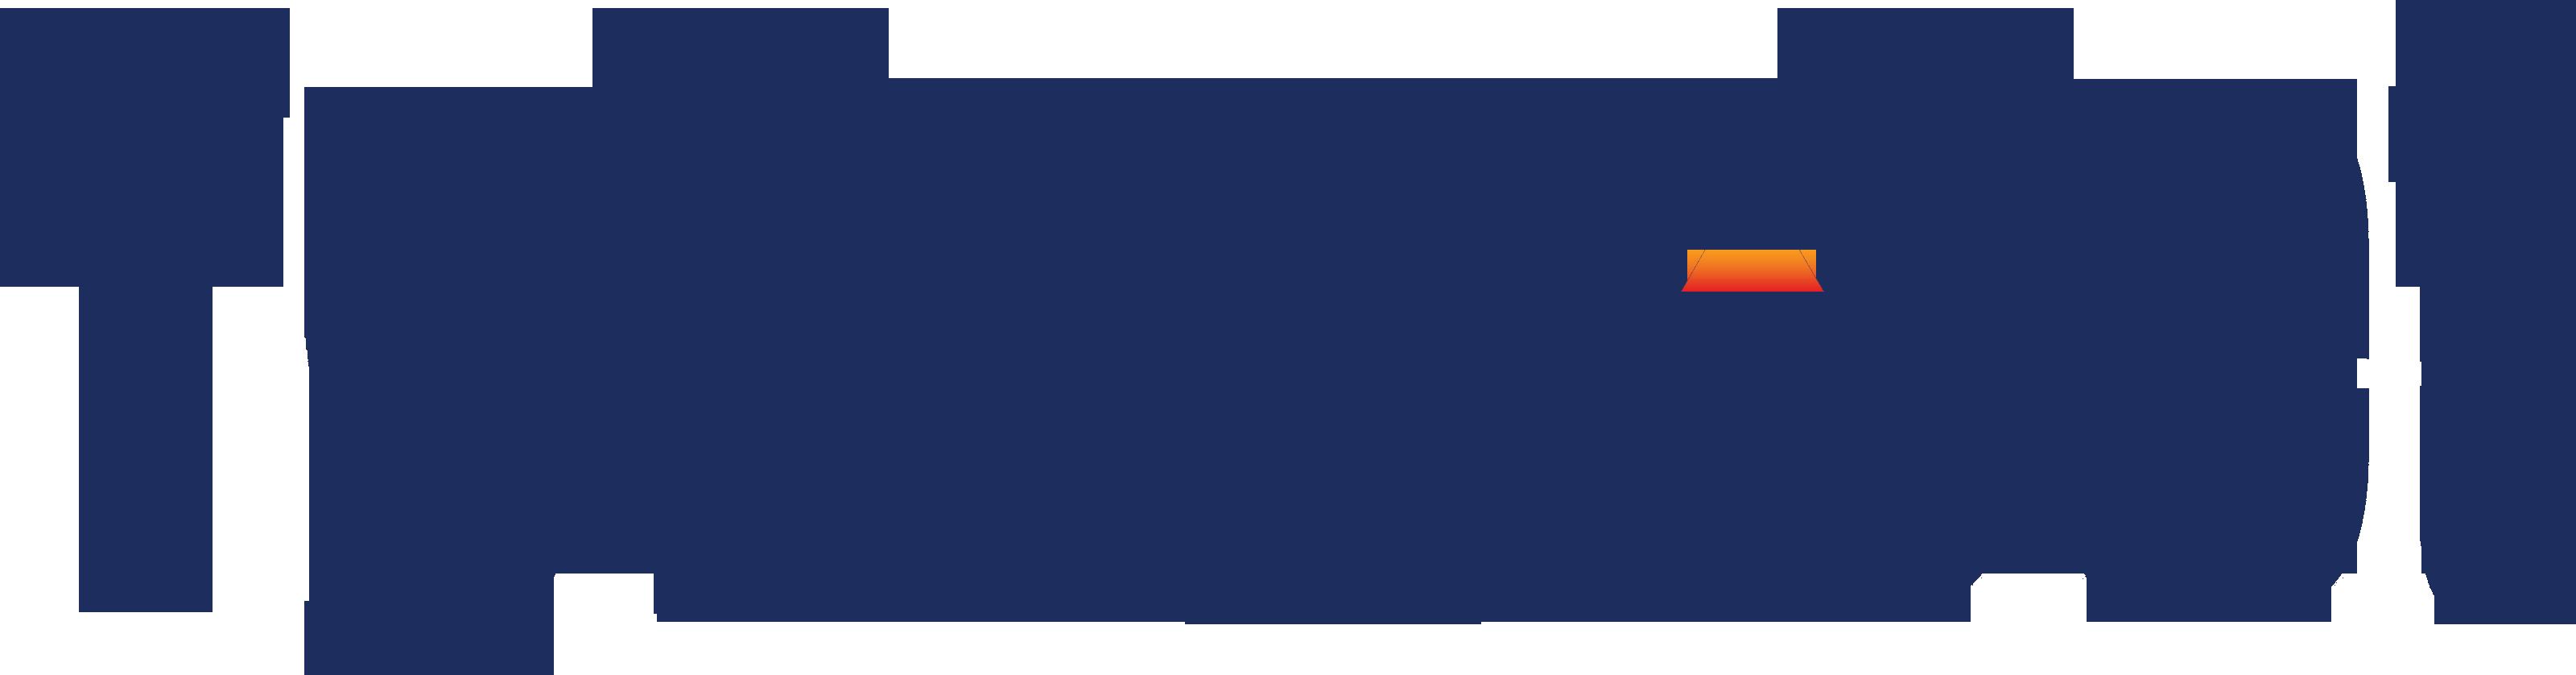 Tybee Jet